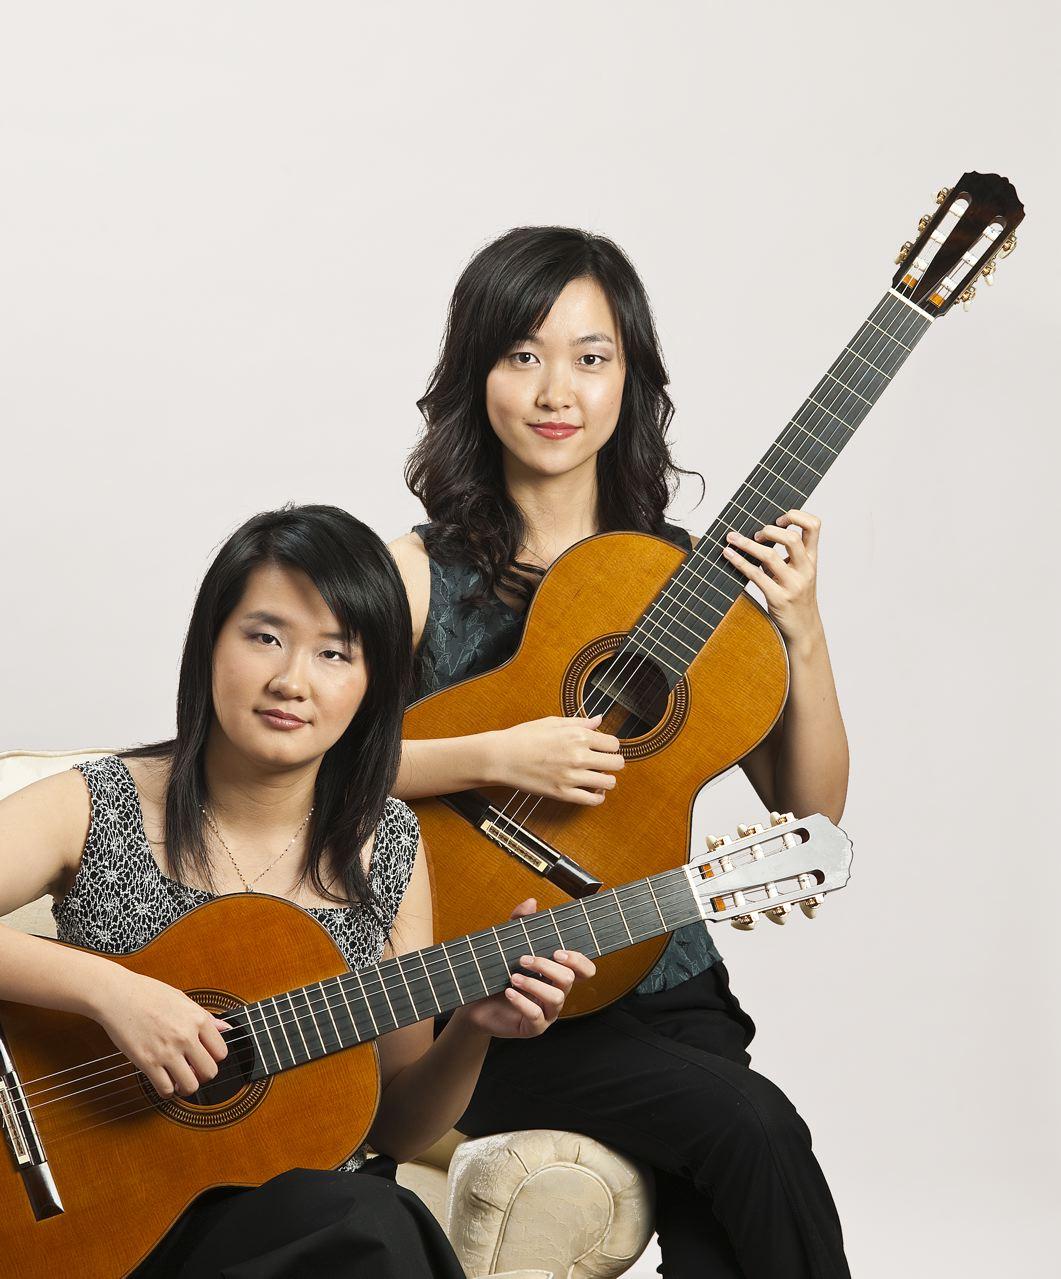 beijing-guitar-duo-voor-mog